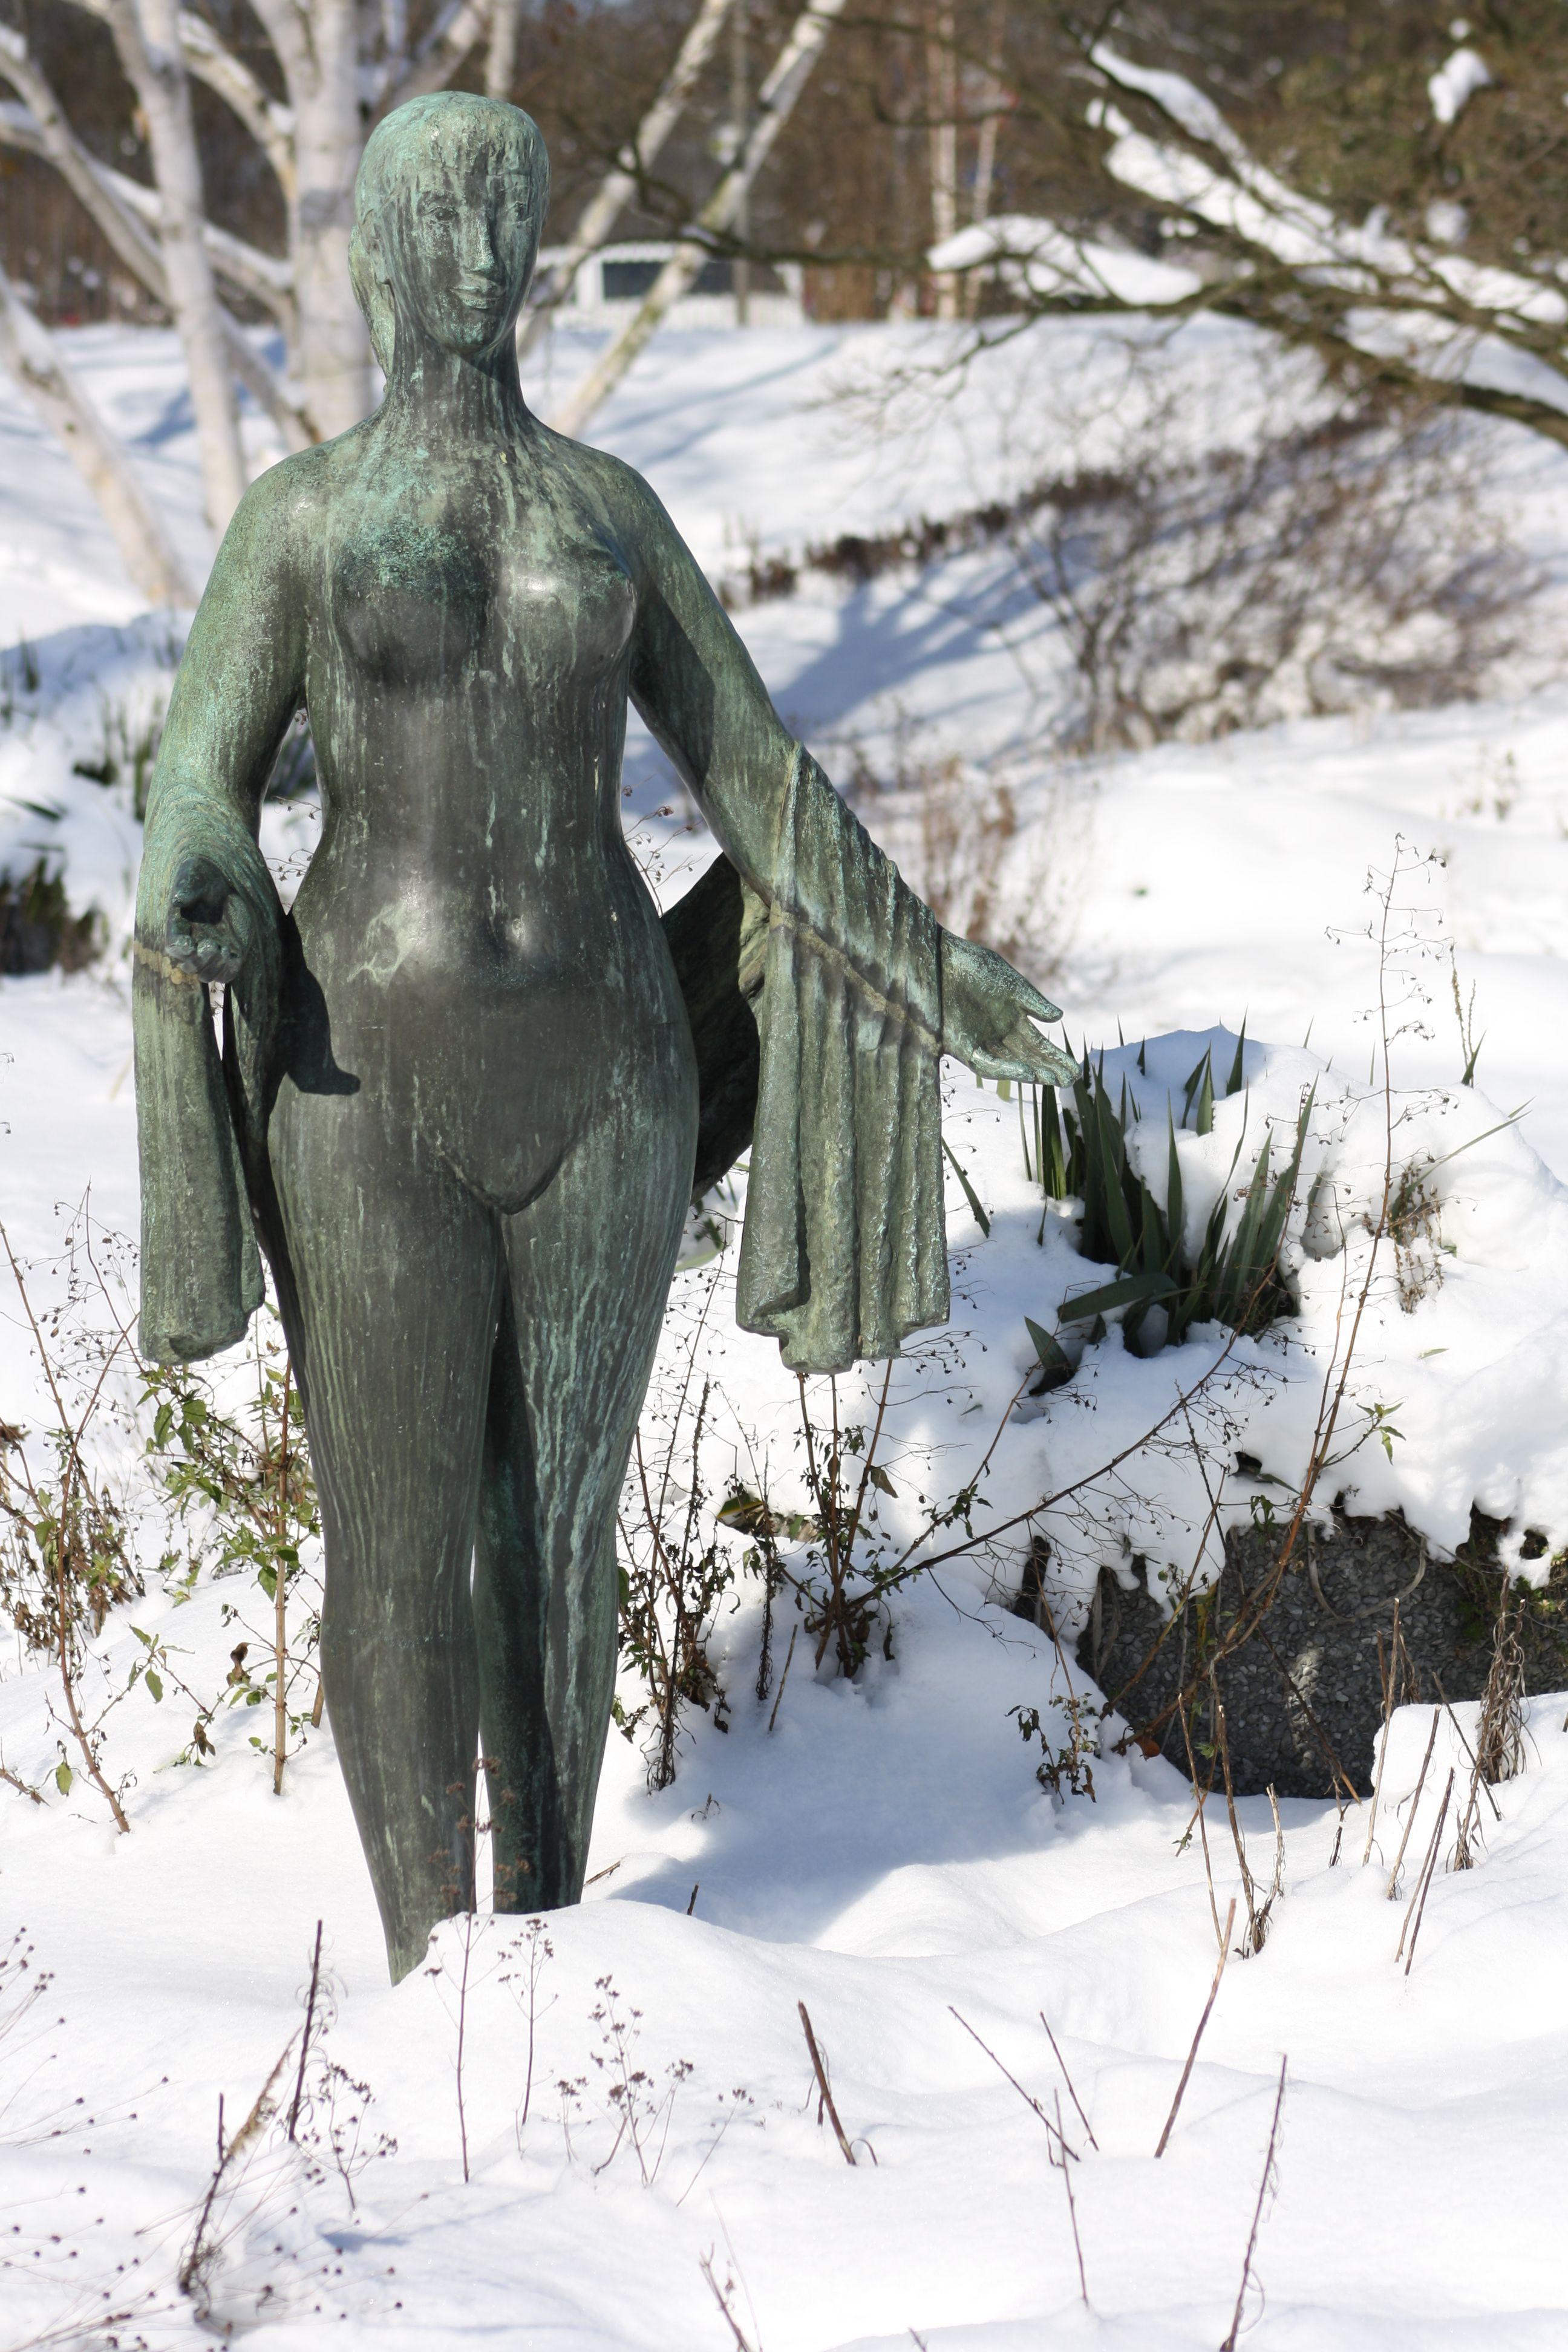 Winter in Hamburg, Planten un Blomen - Foto: Birgit Puck